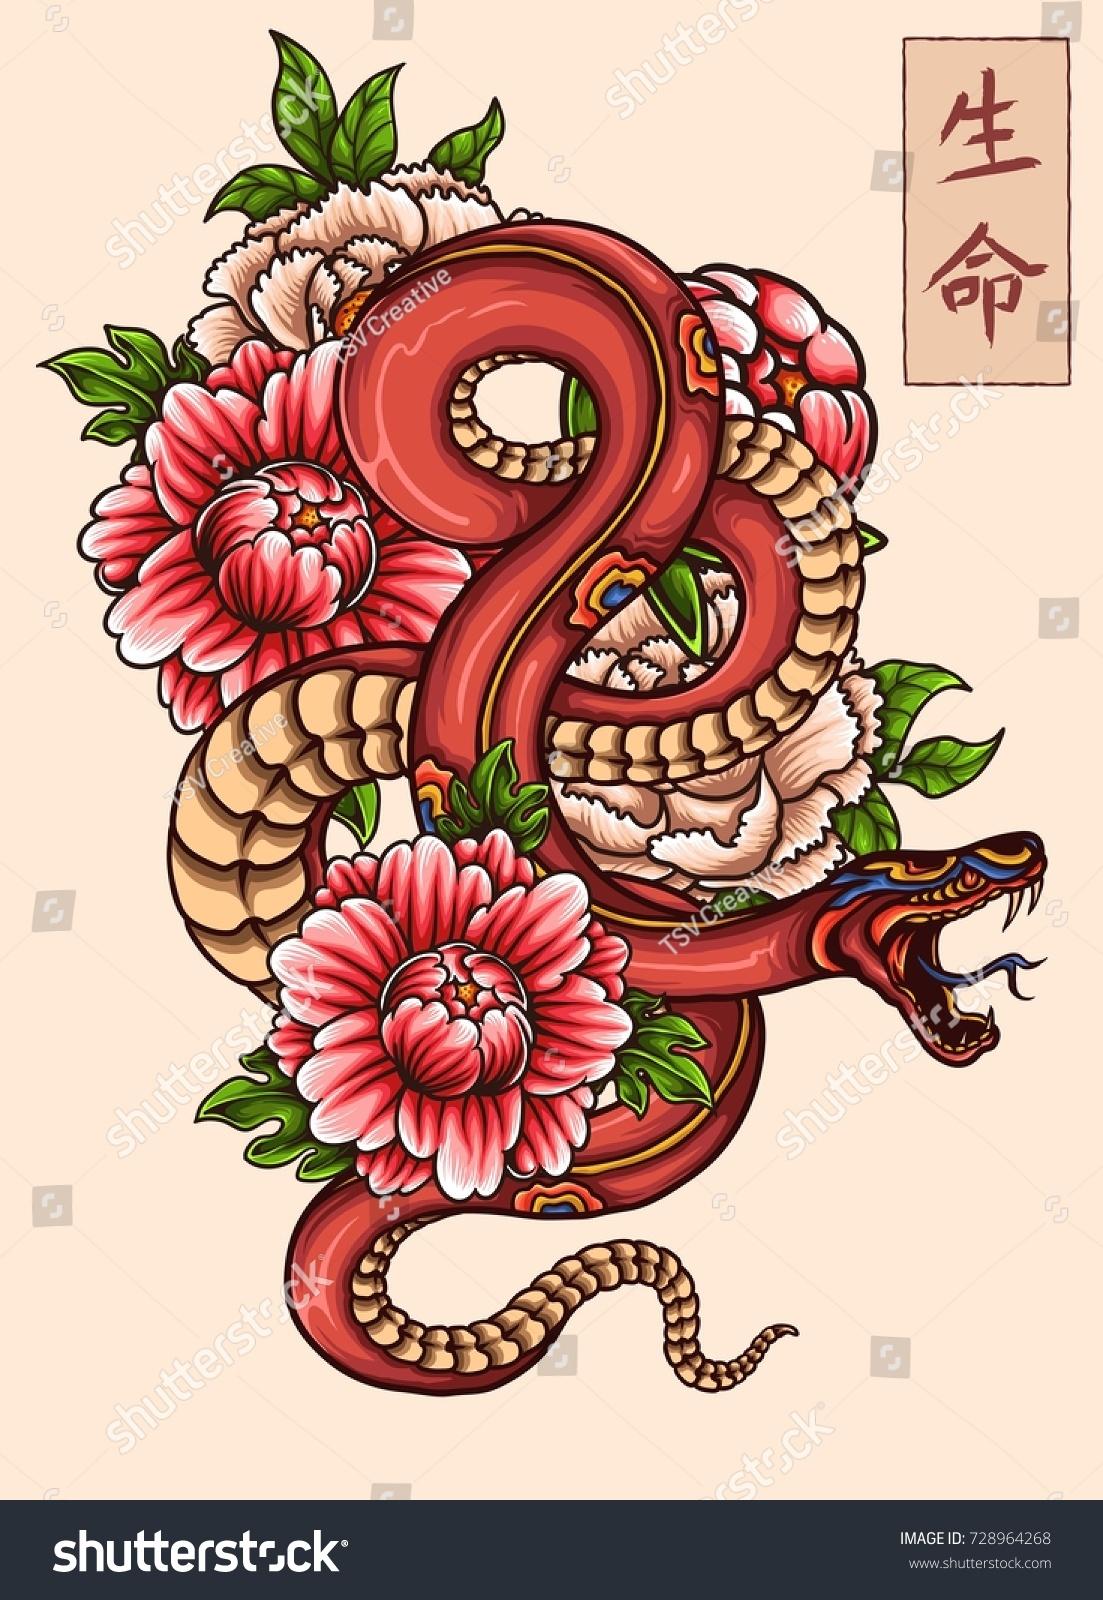 Asian Tattoos Illustrations: Vector Illustration Japanese Snake Tattoo Style Stock